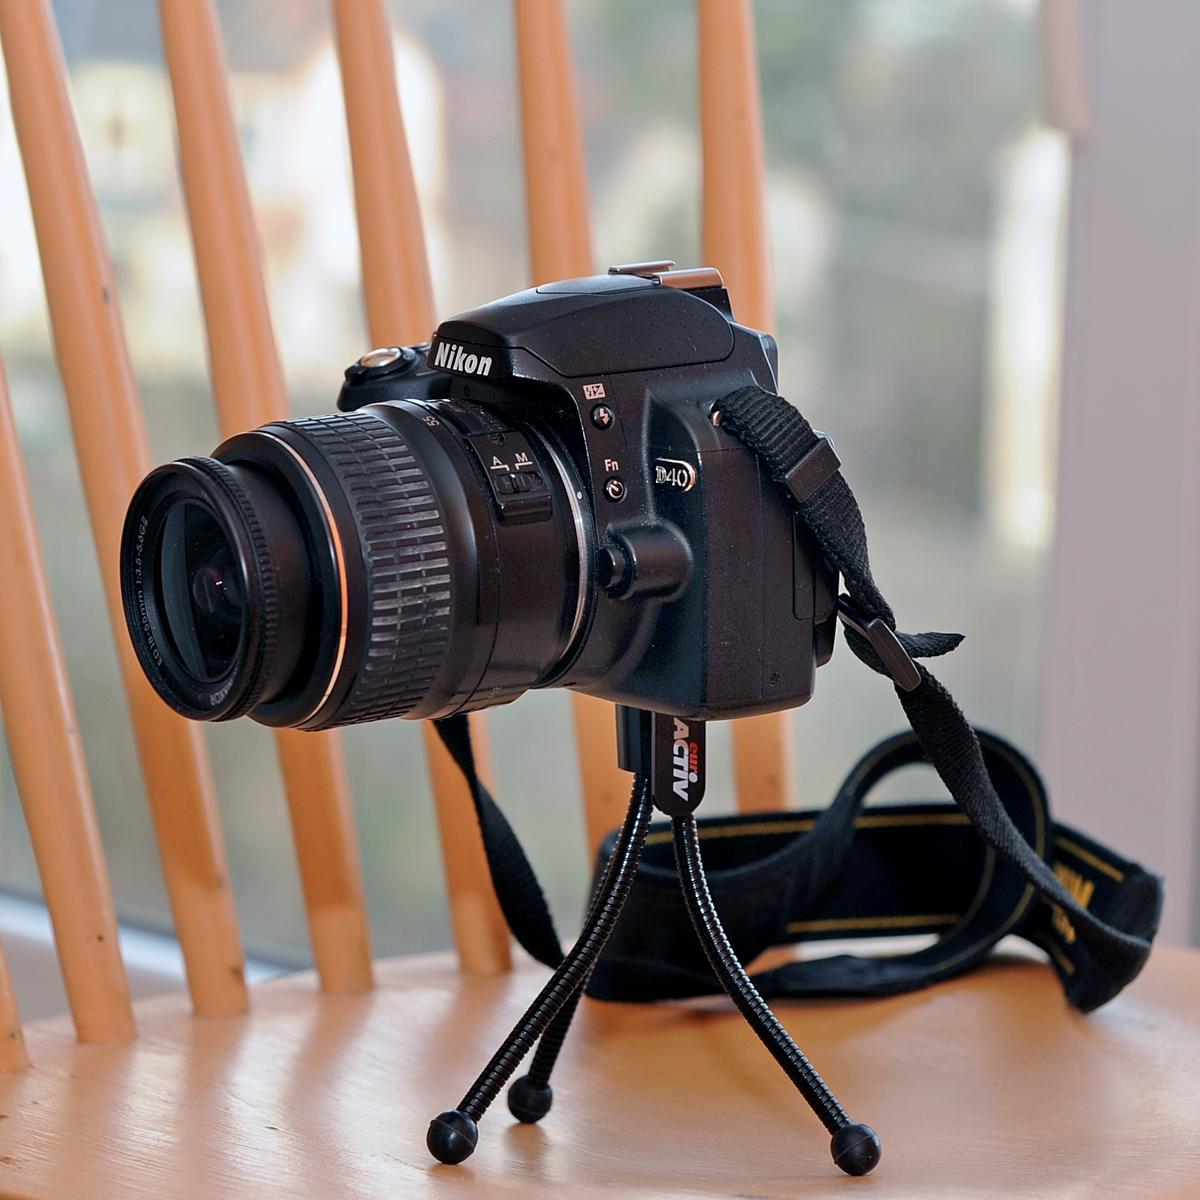 Jak vybrat ten správný fotoaparát při koupi?